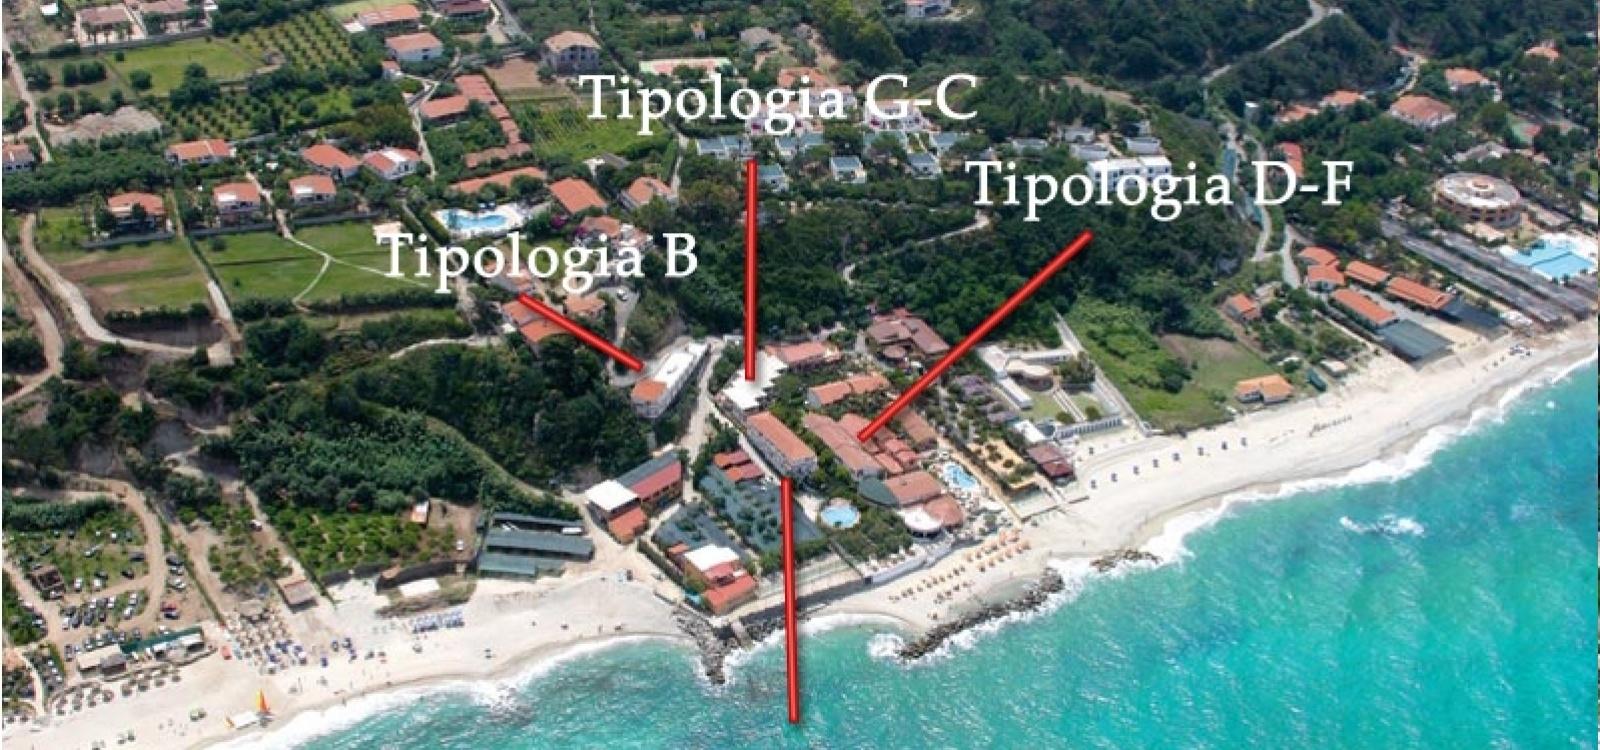 Villaggi, Affitto per vacanze, ID Struttura 1180, Tonicello, Capo Vaticano, Vibo Valentia, Italy, 89866,